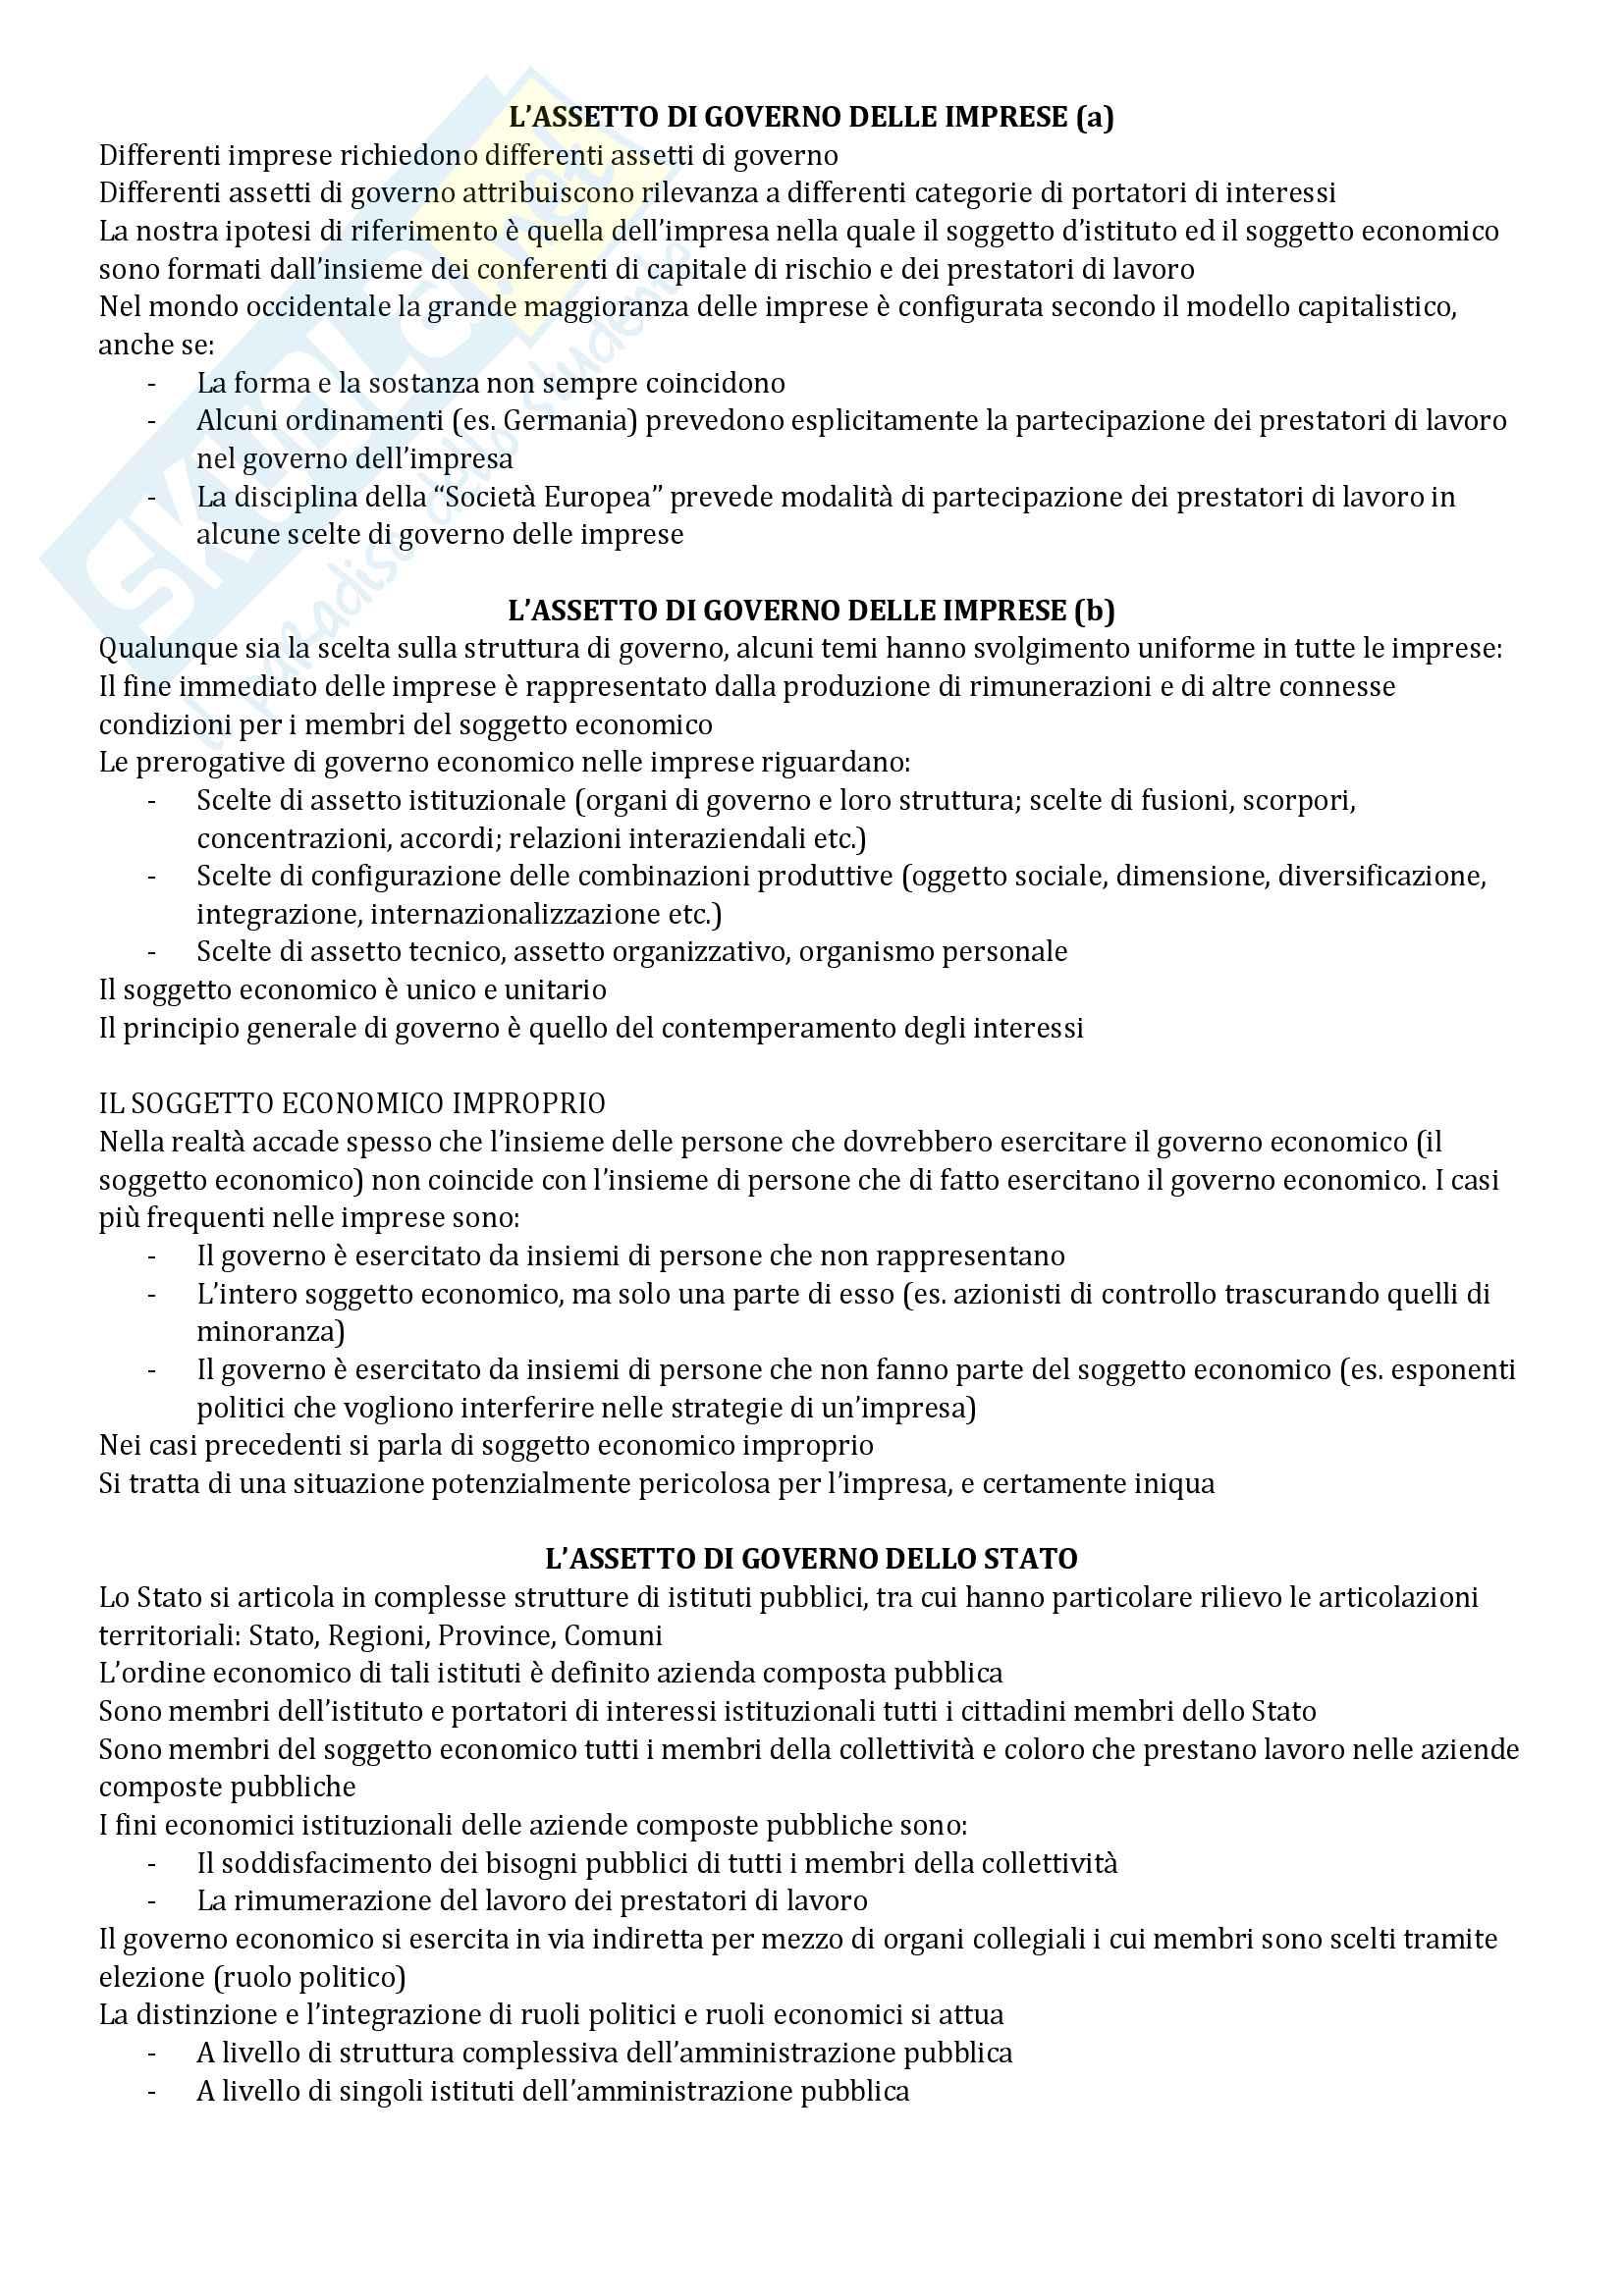 Riassunto esame Economia Aziendale, libro consigliato Corso di Economia Aziendale. ABC: Airoldi, Brunetti e Coda, Il Mulino Pag. 21